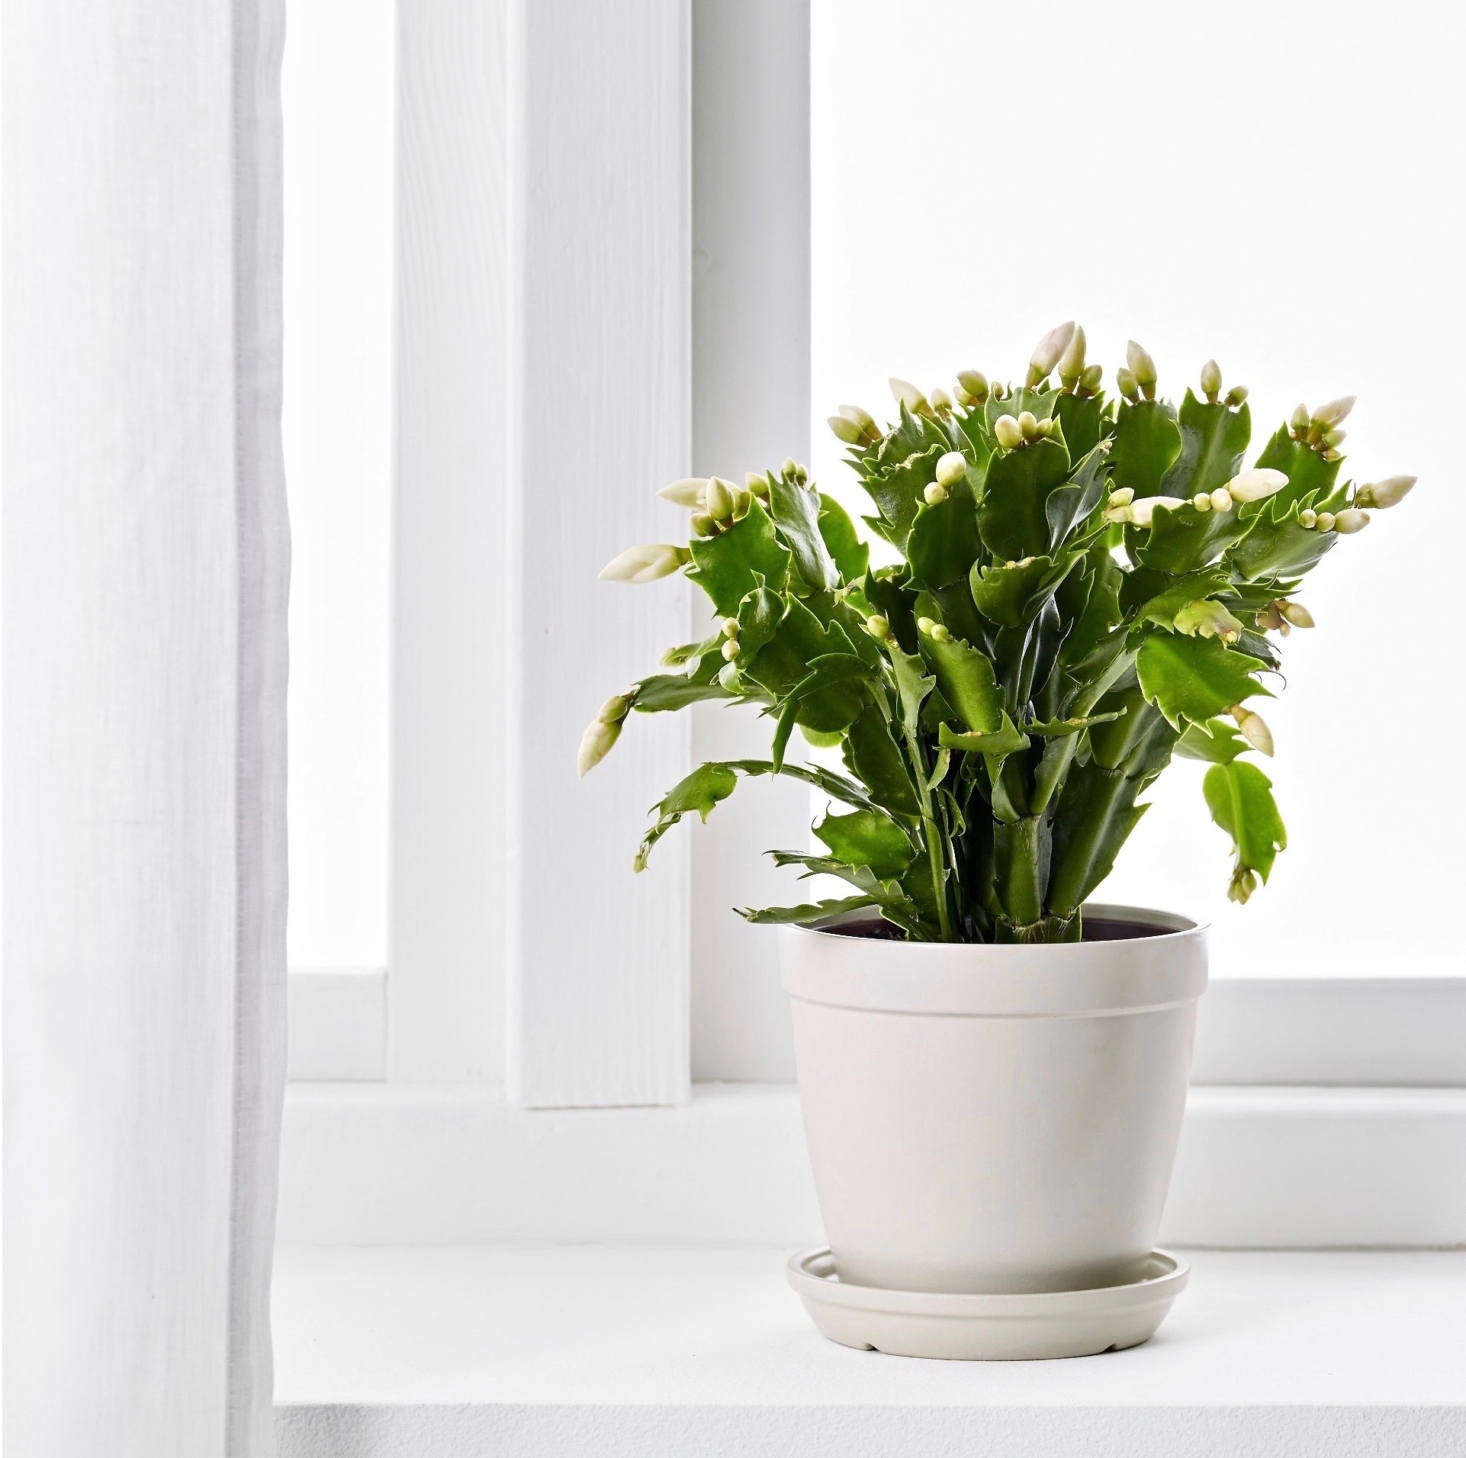 这是热带雨林的仙人掌,这是一种来自热带的植物。很美,但在阳光明媚的夜晚,在阳光明媚的时候,它需要用冰的空间,用它的光线,用它的光线来刺激它。在《茶水上》杂志上学习《茶水》,《Wiaden》,学习手册,还有一份工作。用照片来。